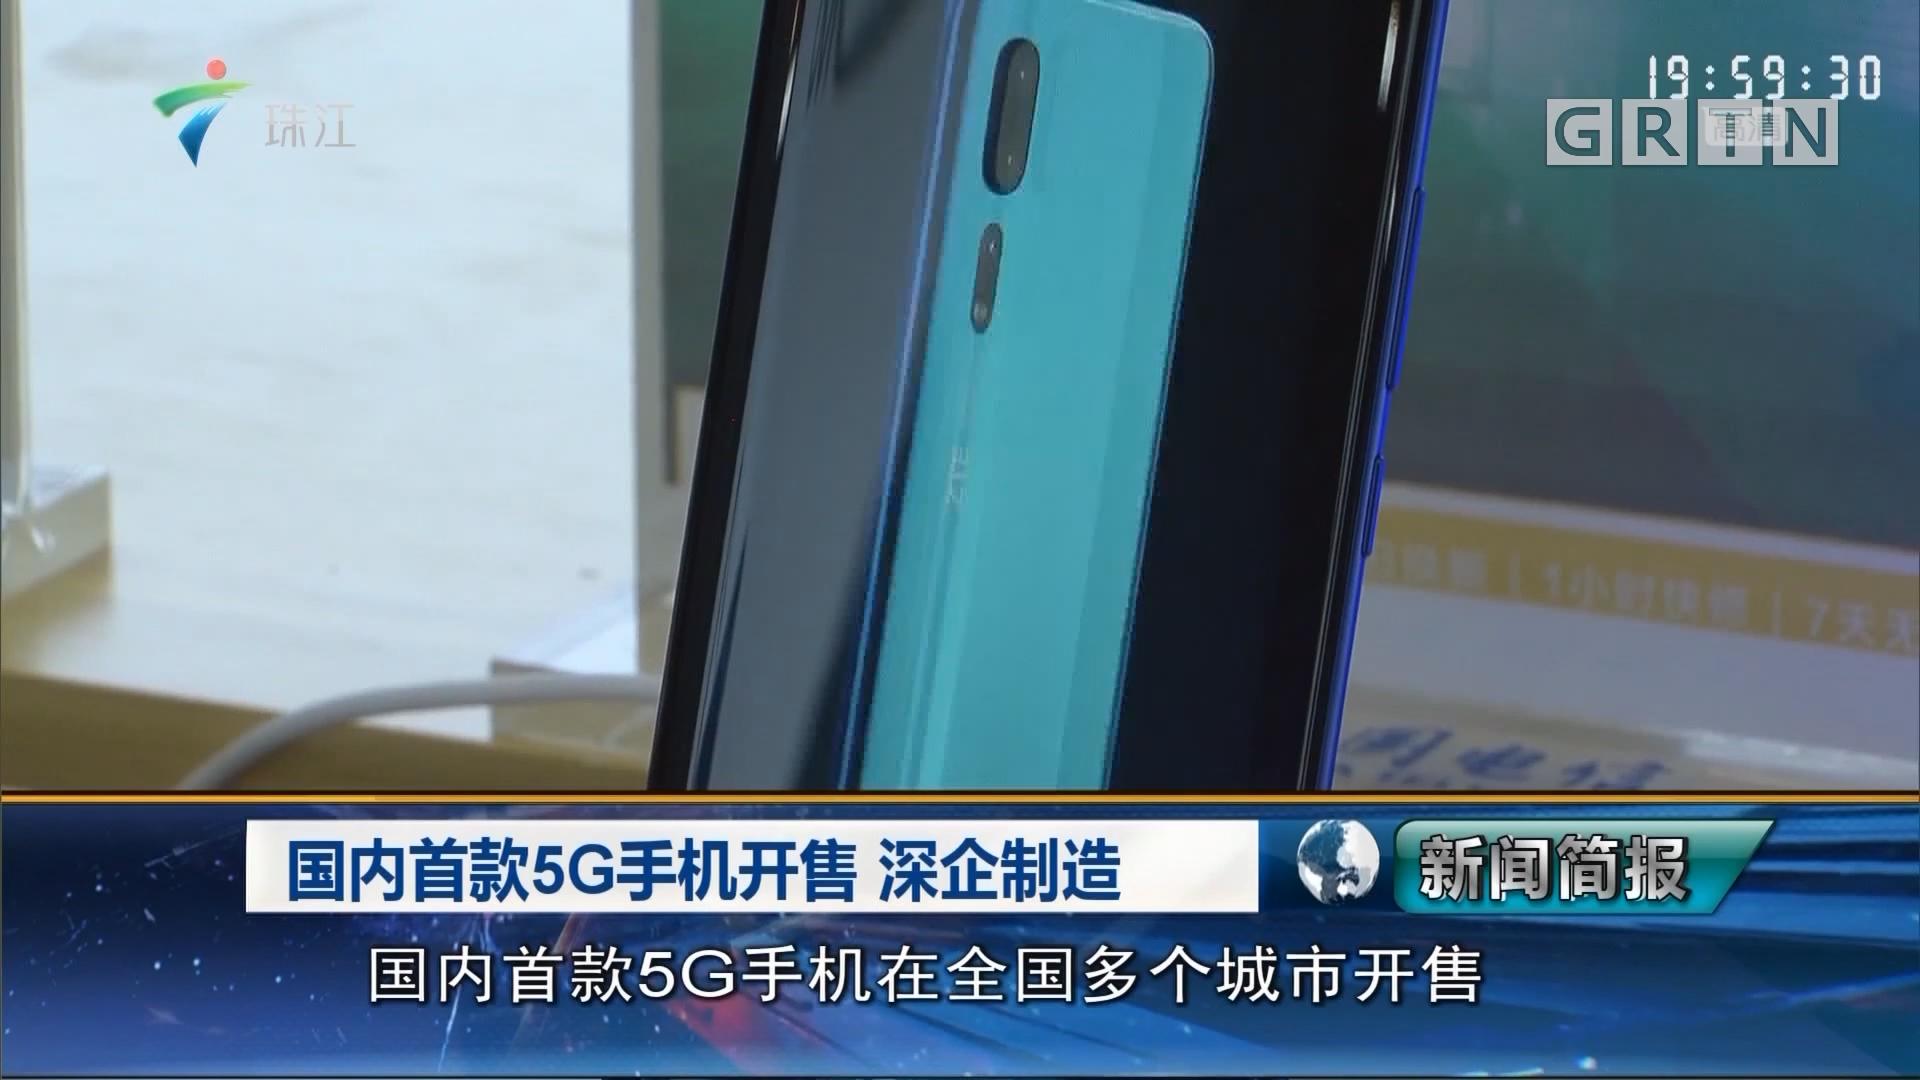 国内首款5G手机开售 深企制造